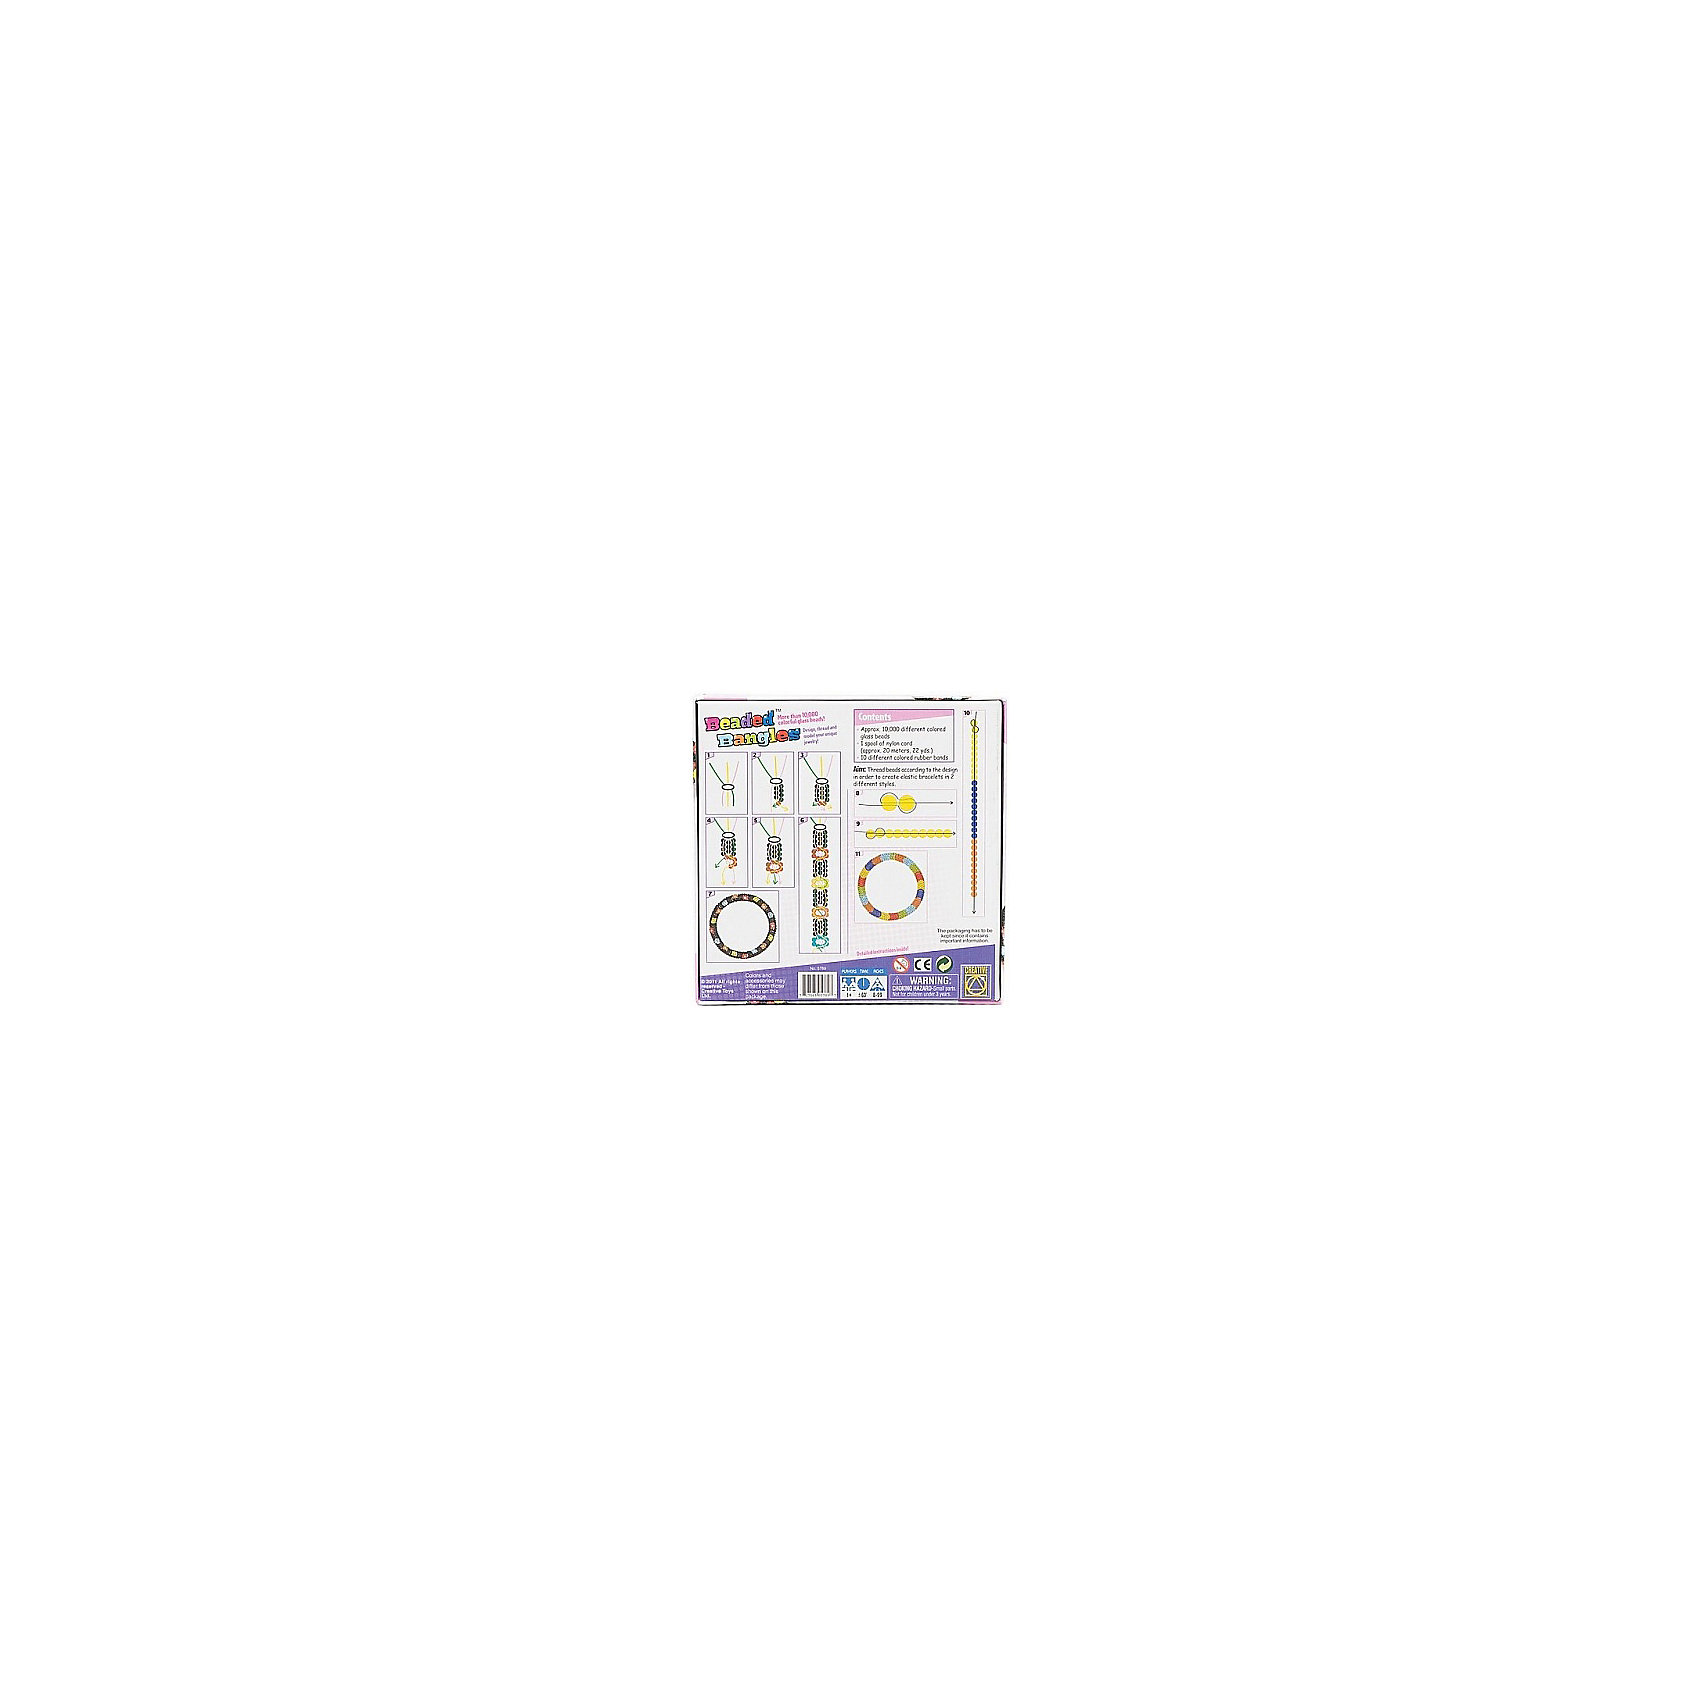 Набор Яркие браслетики из бисераРукоделие<br>Набор Яркие браслетики из бисера.<br><br>Характеристика: <br><br>• Возраст: от 8 лет<br>• Материал: пластик, картон, текстиль, краски.<br>• Размер: 6,5х26,5х26,5 см.<br>• Комплектация: бисер разных цветов (около 10000 шт.); нейлоновая нить-леска длиной 20 м; 10 резинок разных цветов; инструкция.<br>• Развивает внимание, мелкую моторику, воображение, фантазию. <br>• Нетоксичные, безопасные для детей материалы.<br><br>Девочки обожают яркие блестящие украшения и безделушки! С помощью этого набора ваша маленькая рукодельница сможет сама сделать множество уникальных стильных украшений из бисера. Оригинальные стильные дизайны и яркие цвета станут отличительной особенность бижутерии, сделанной своими руками. <br>Бисероплетение не только увлекательное, но и полезное занятие: в процессе работы девочка сможет развить моторику рук, мышление, внимание и фантазию. Прекрасный вариант для подарка юной моднице! <br><br>Набор Яркие браслетики из бисера можно купить в нашем интернет-магазине.<br><br>Ширина мм: 180<br>Глубина мм: 180<br>Высота мм: 60<br>Вес г: 343<br>Возраст от месяцев: 96<br>Возраст до месяцев: 2147483647<br>Пол: Женский<br>Возраст: Детский<br>SKU: 5487907